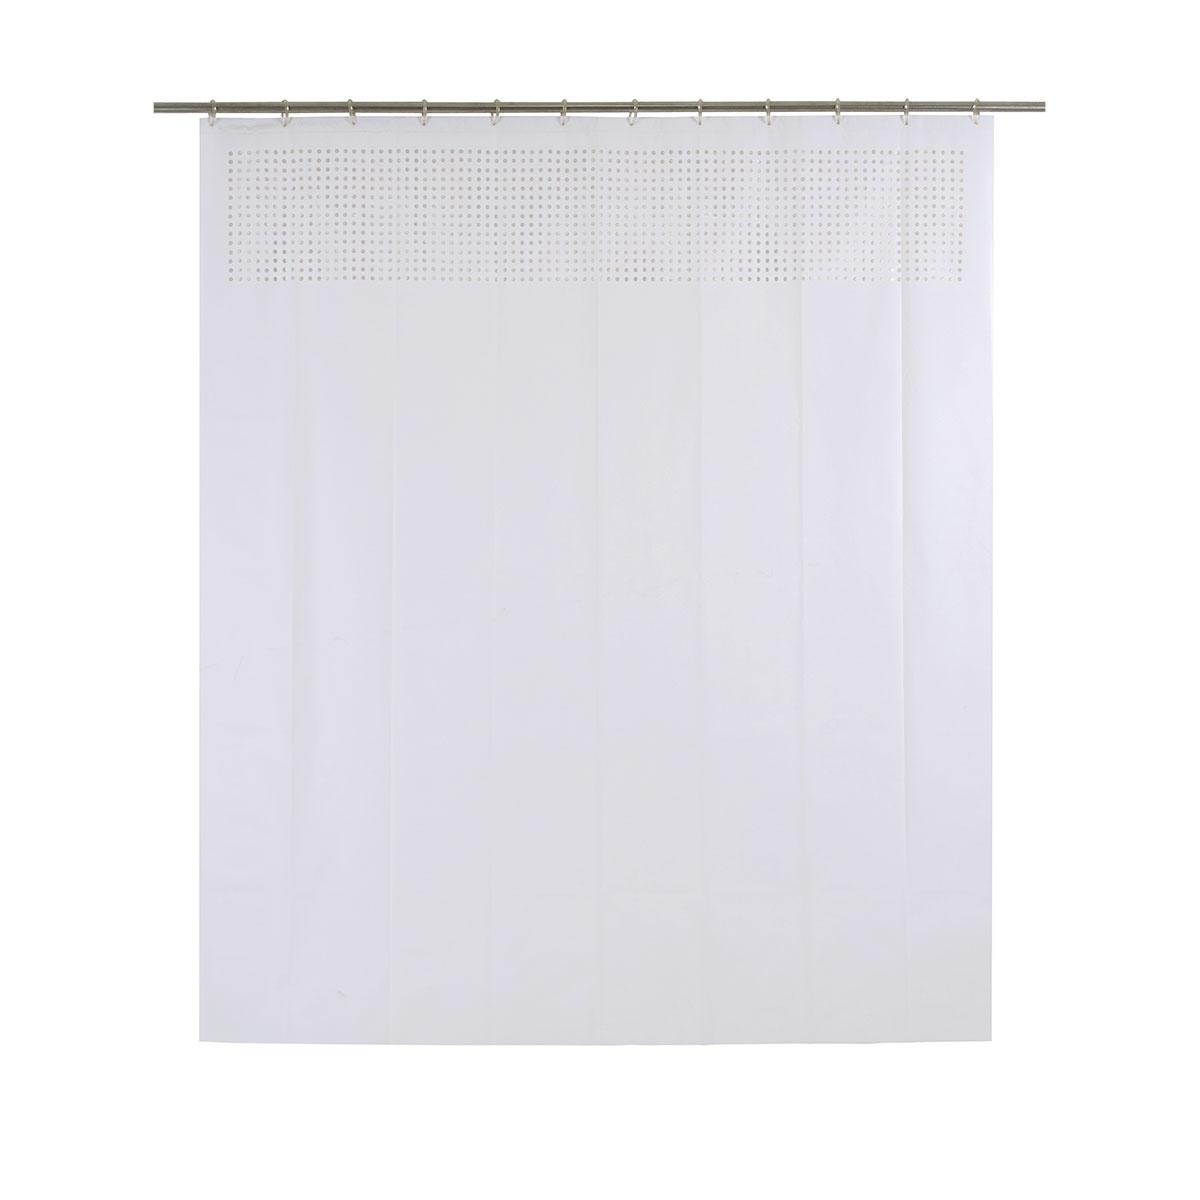 Rideau de douche esprit loft (Blanc)